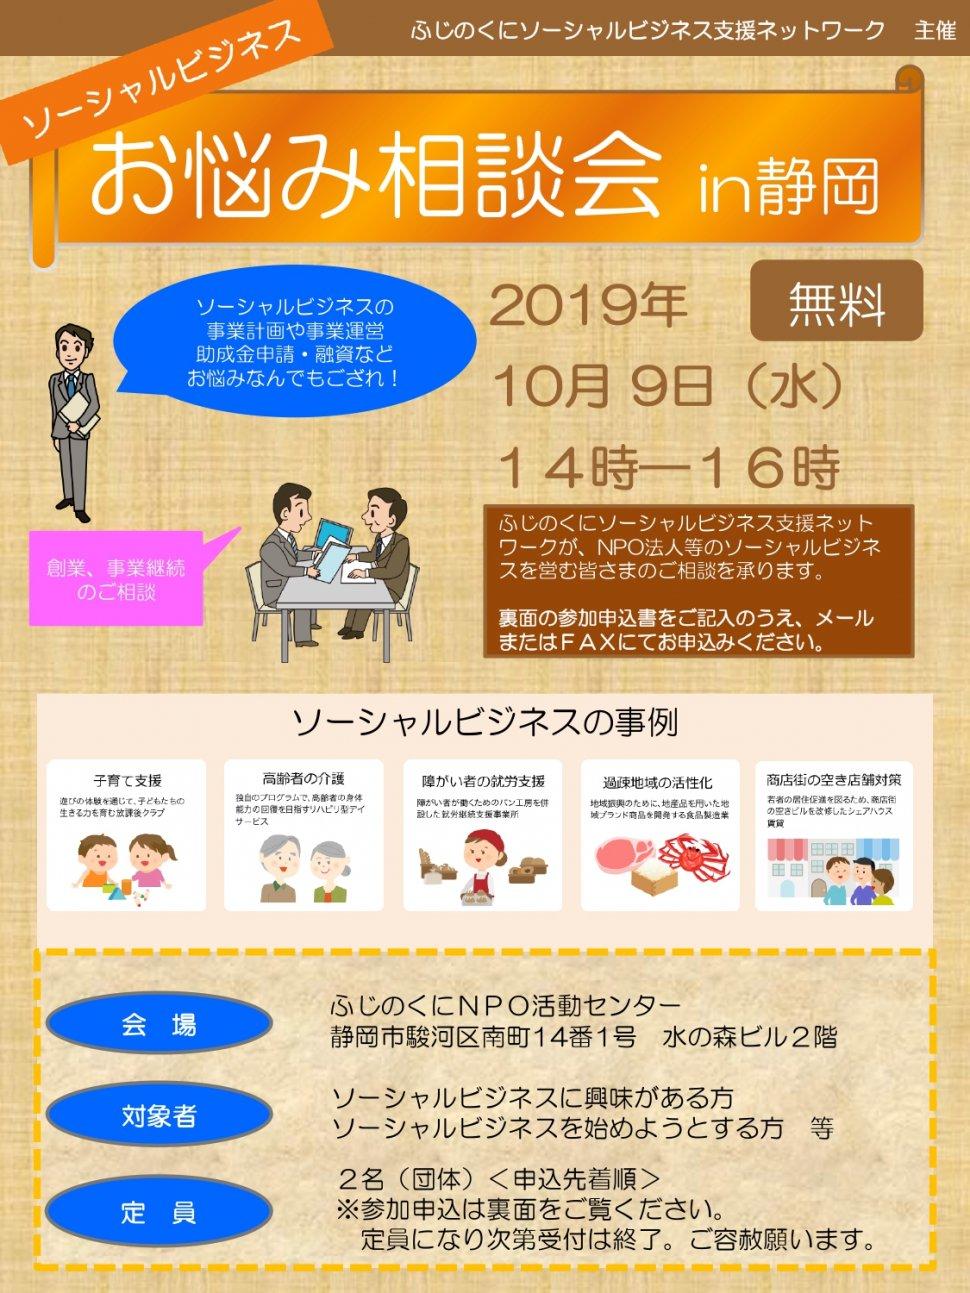 【公庫によるイラスト修正済み】相談会案内_表(2019.10.9)